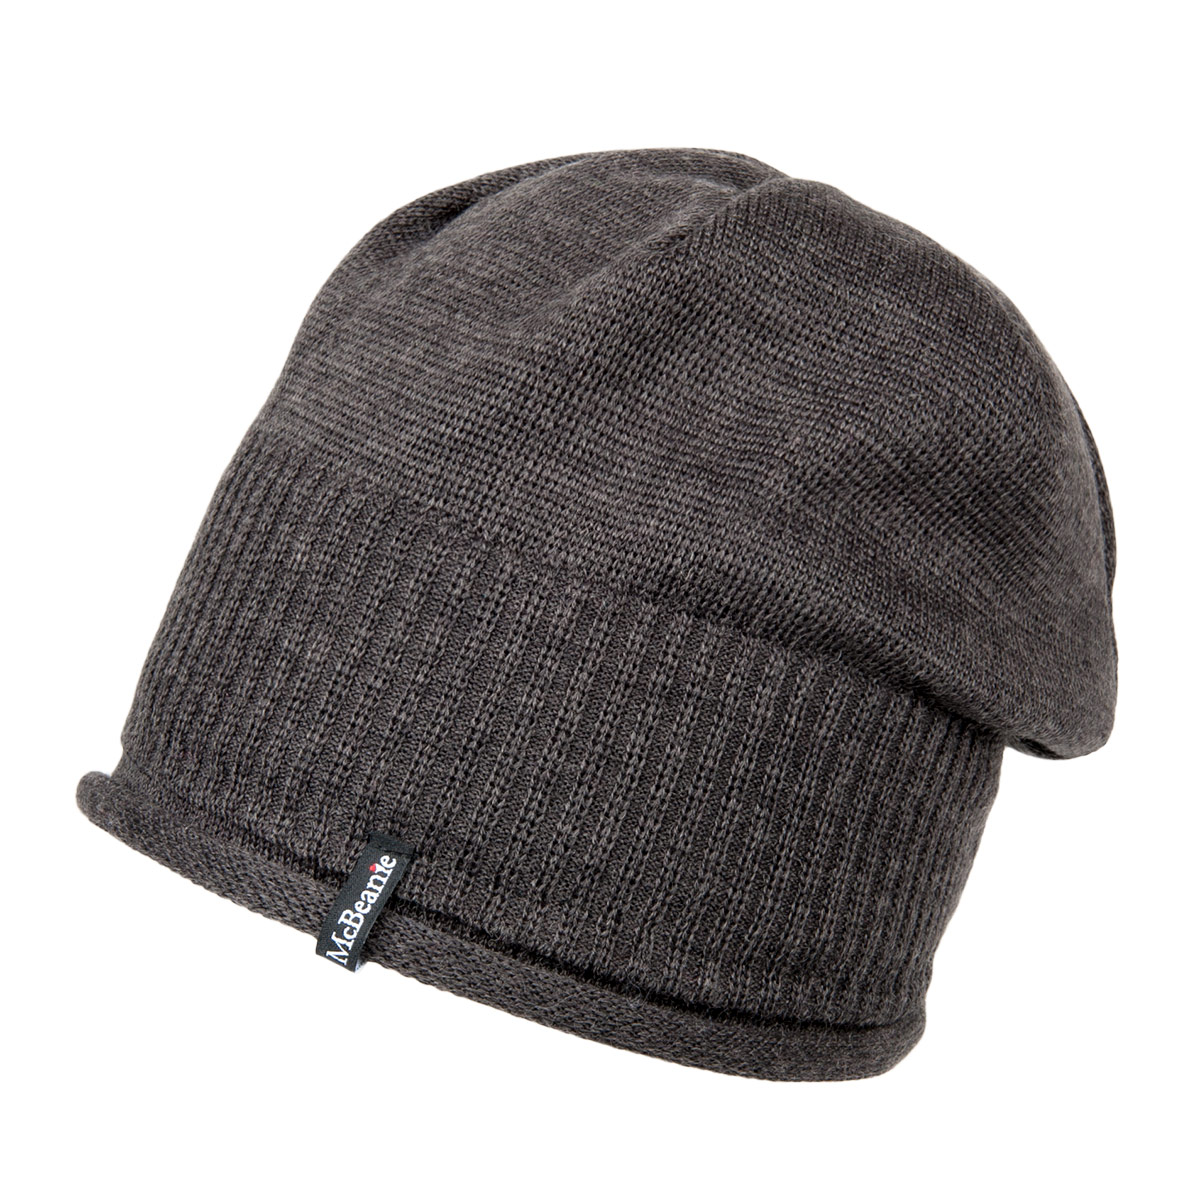 McBEANIE berretto semplice da donna e uomo foderato in pile 5651ee286003